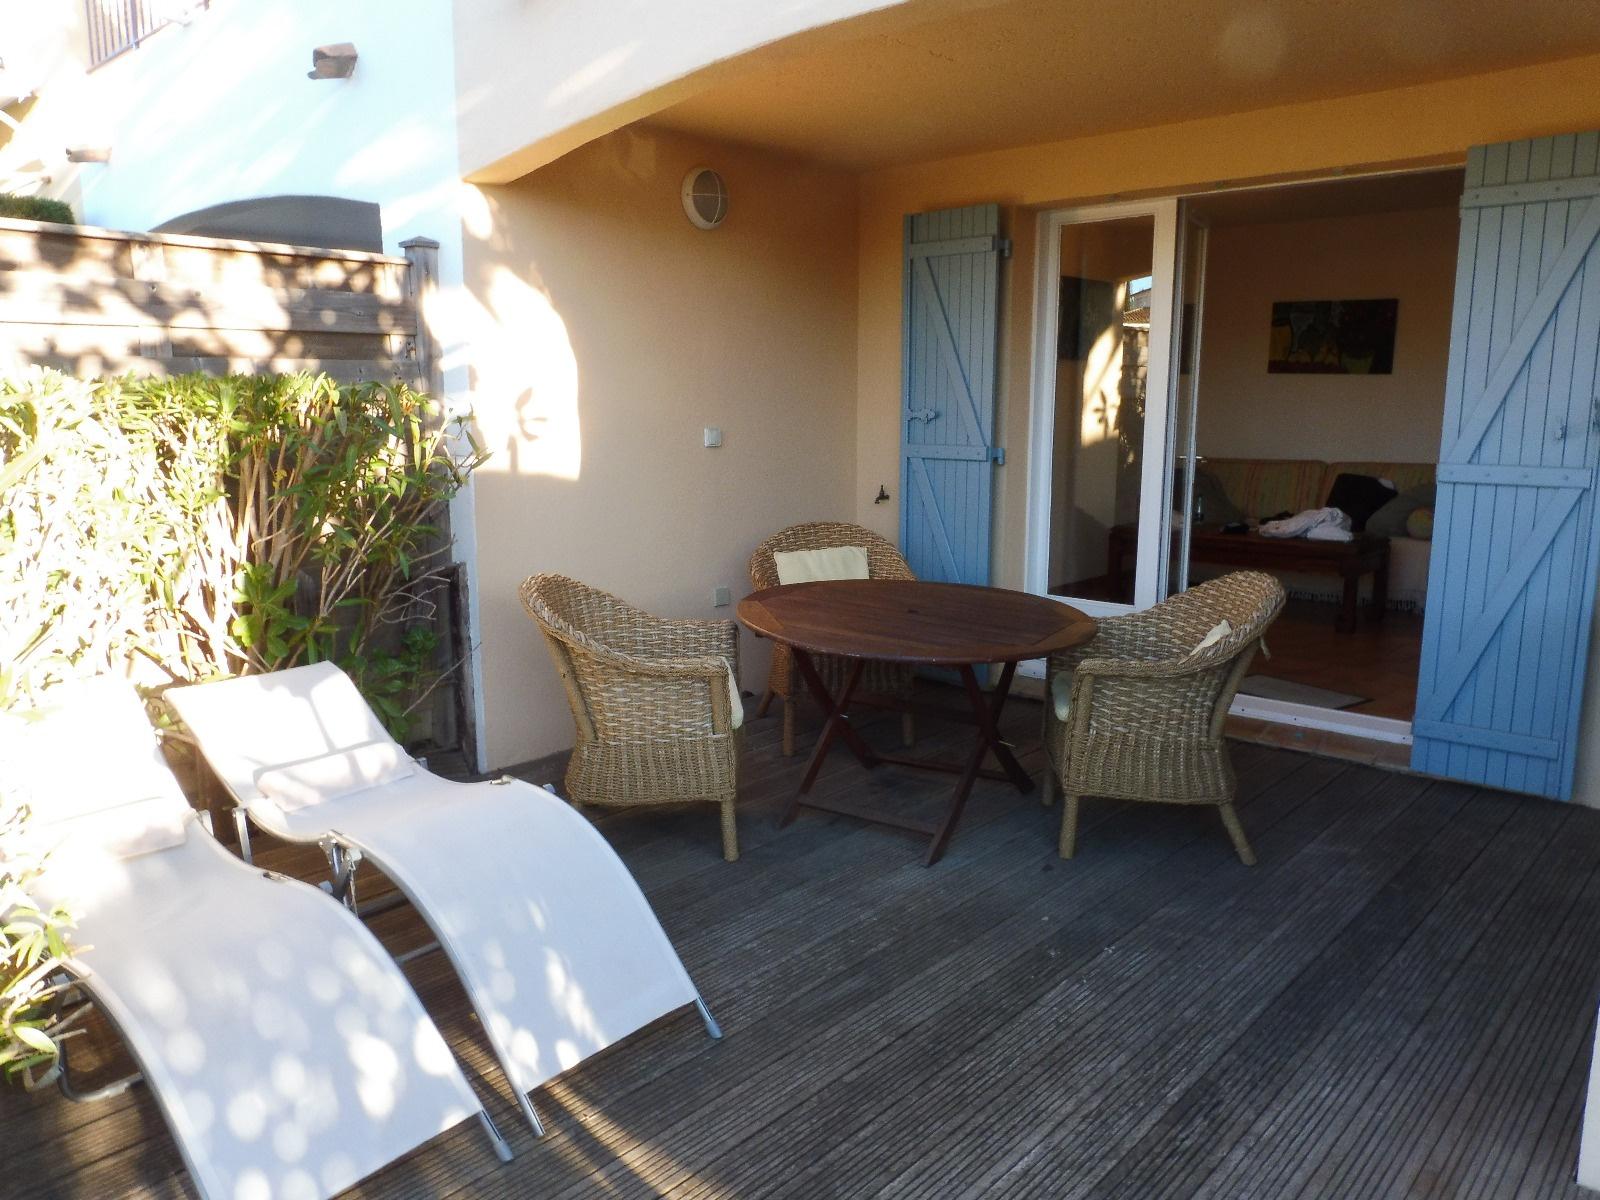 offres locations vacances LOCATION DE VACANCES MAISON DE PECHEUR 2 CHAMBRES PORT COGOLIN